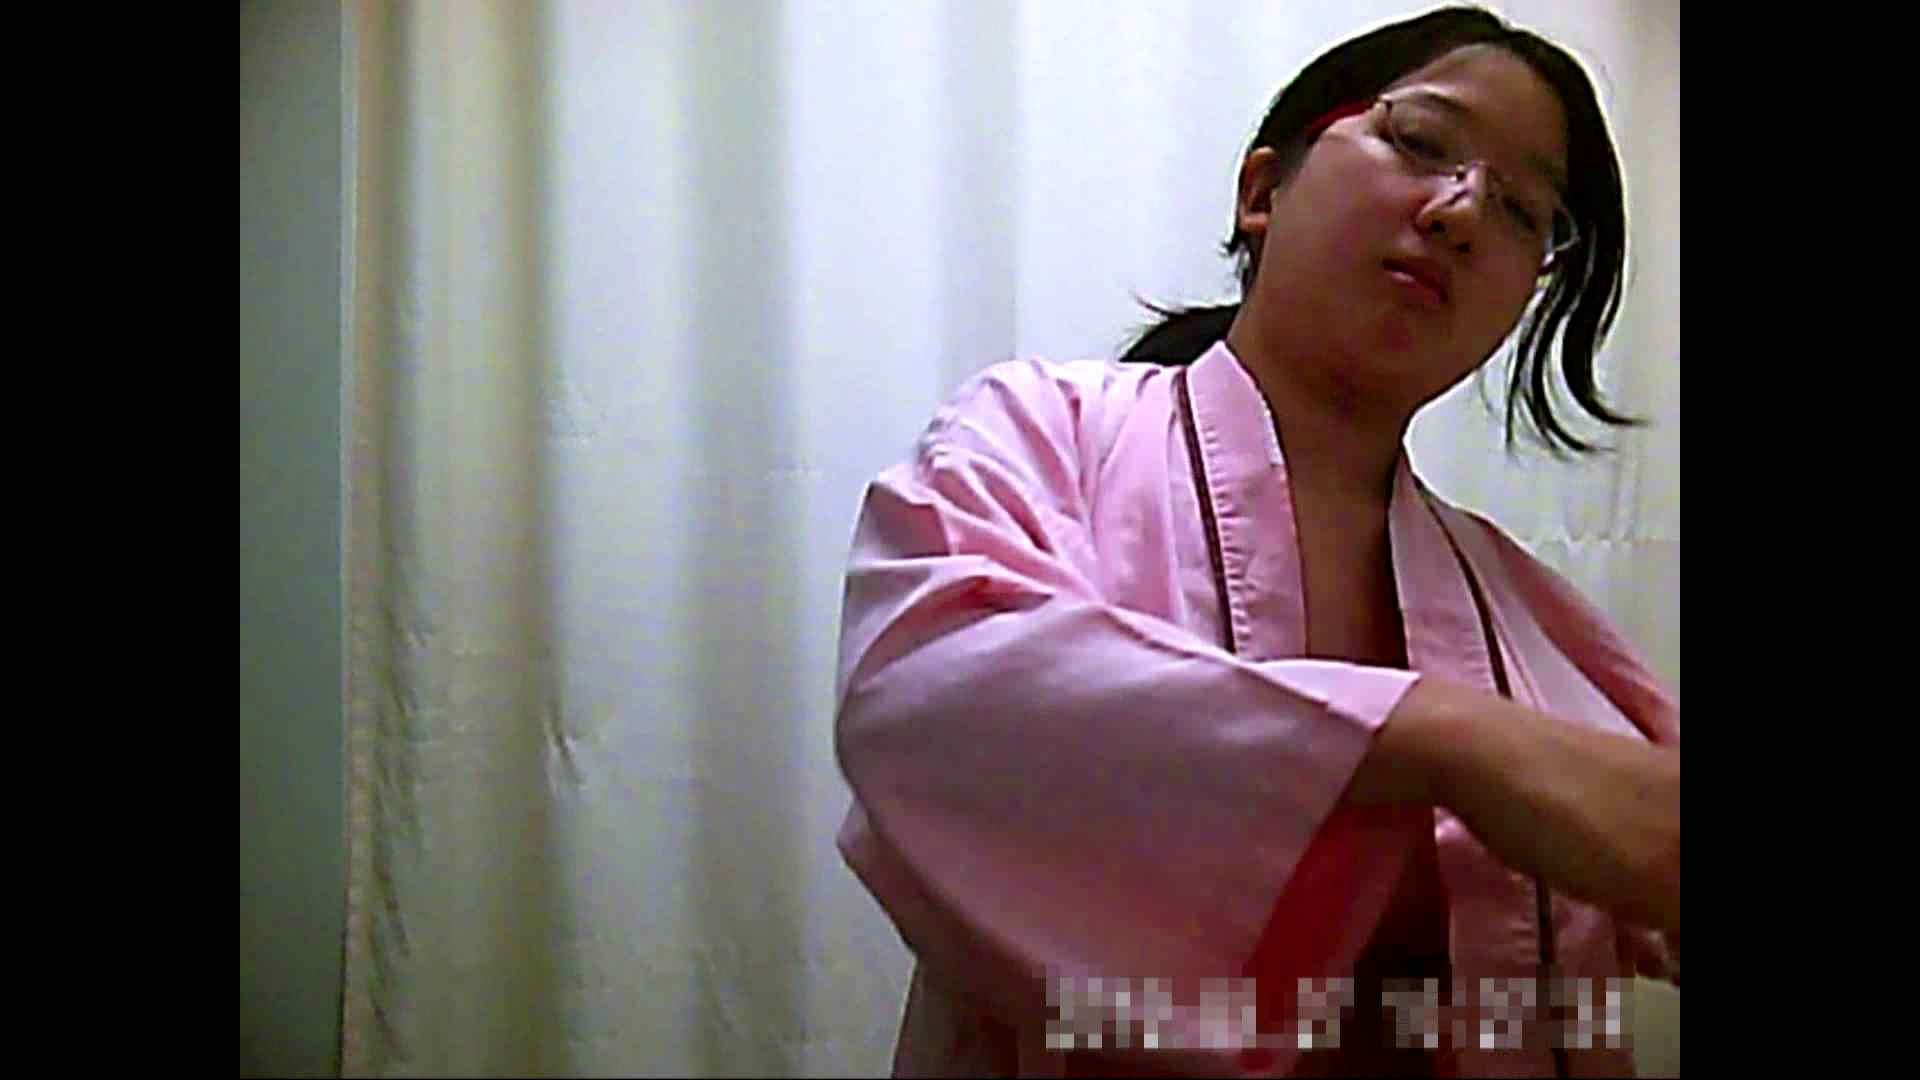 元医者による反抗 更衣室地獄絵巻 vol.077 OL | 0  25連発 12